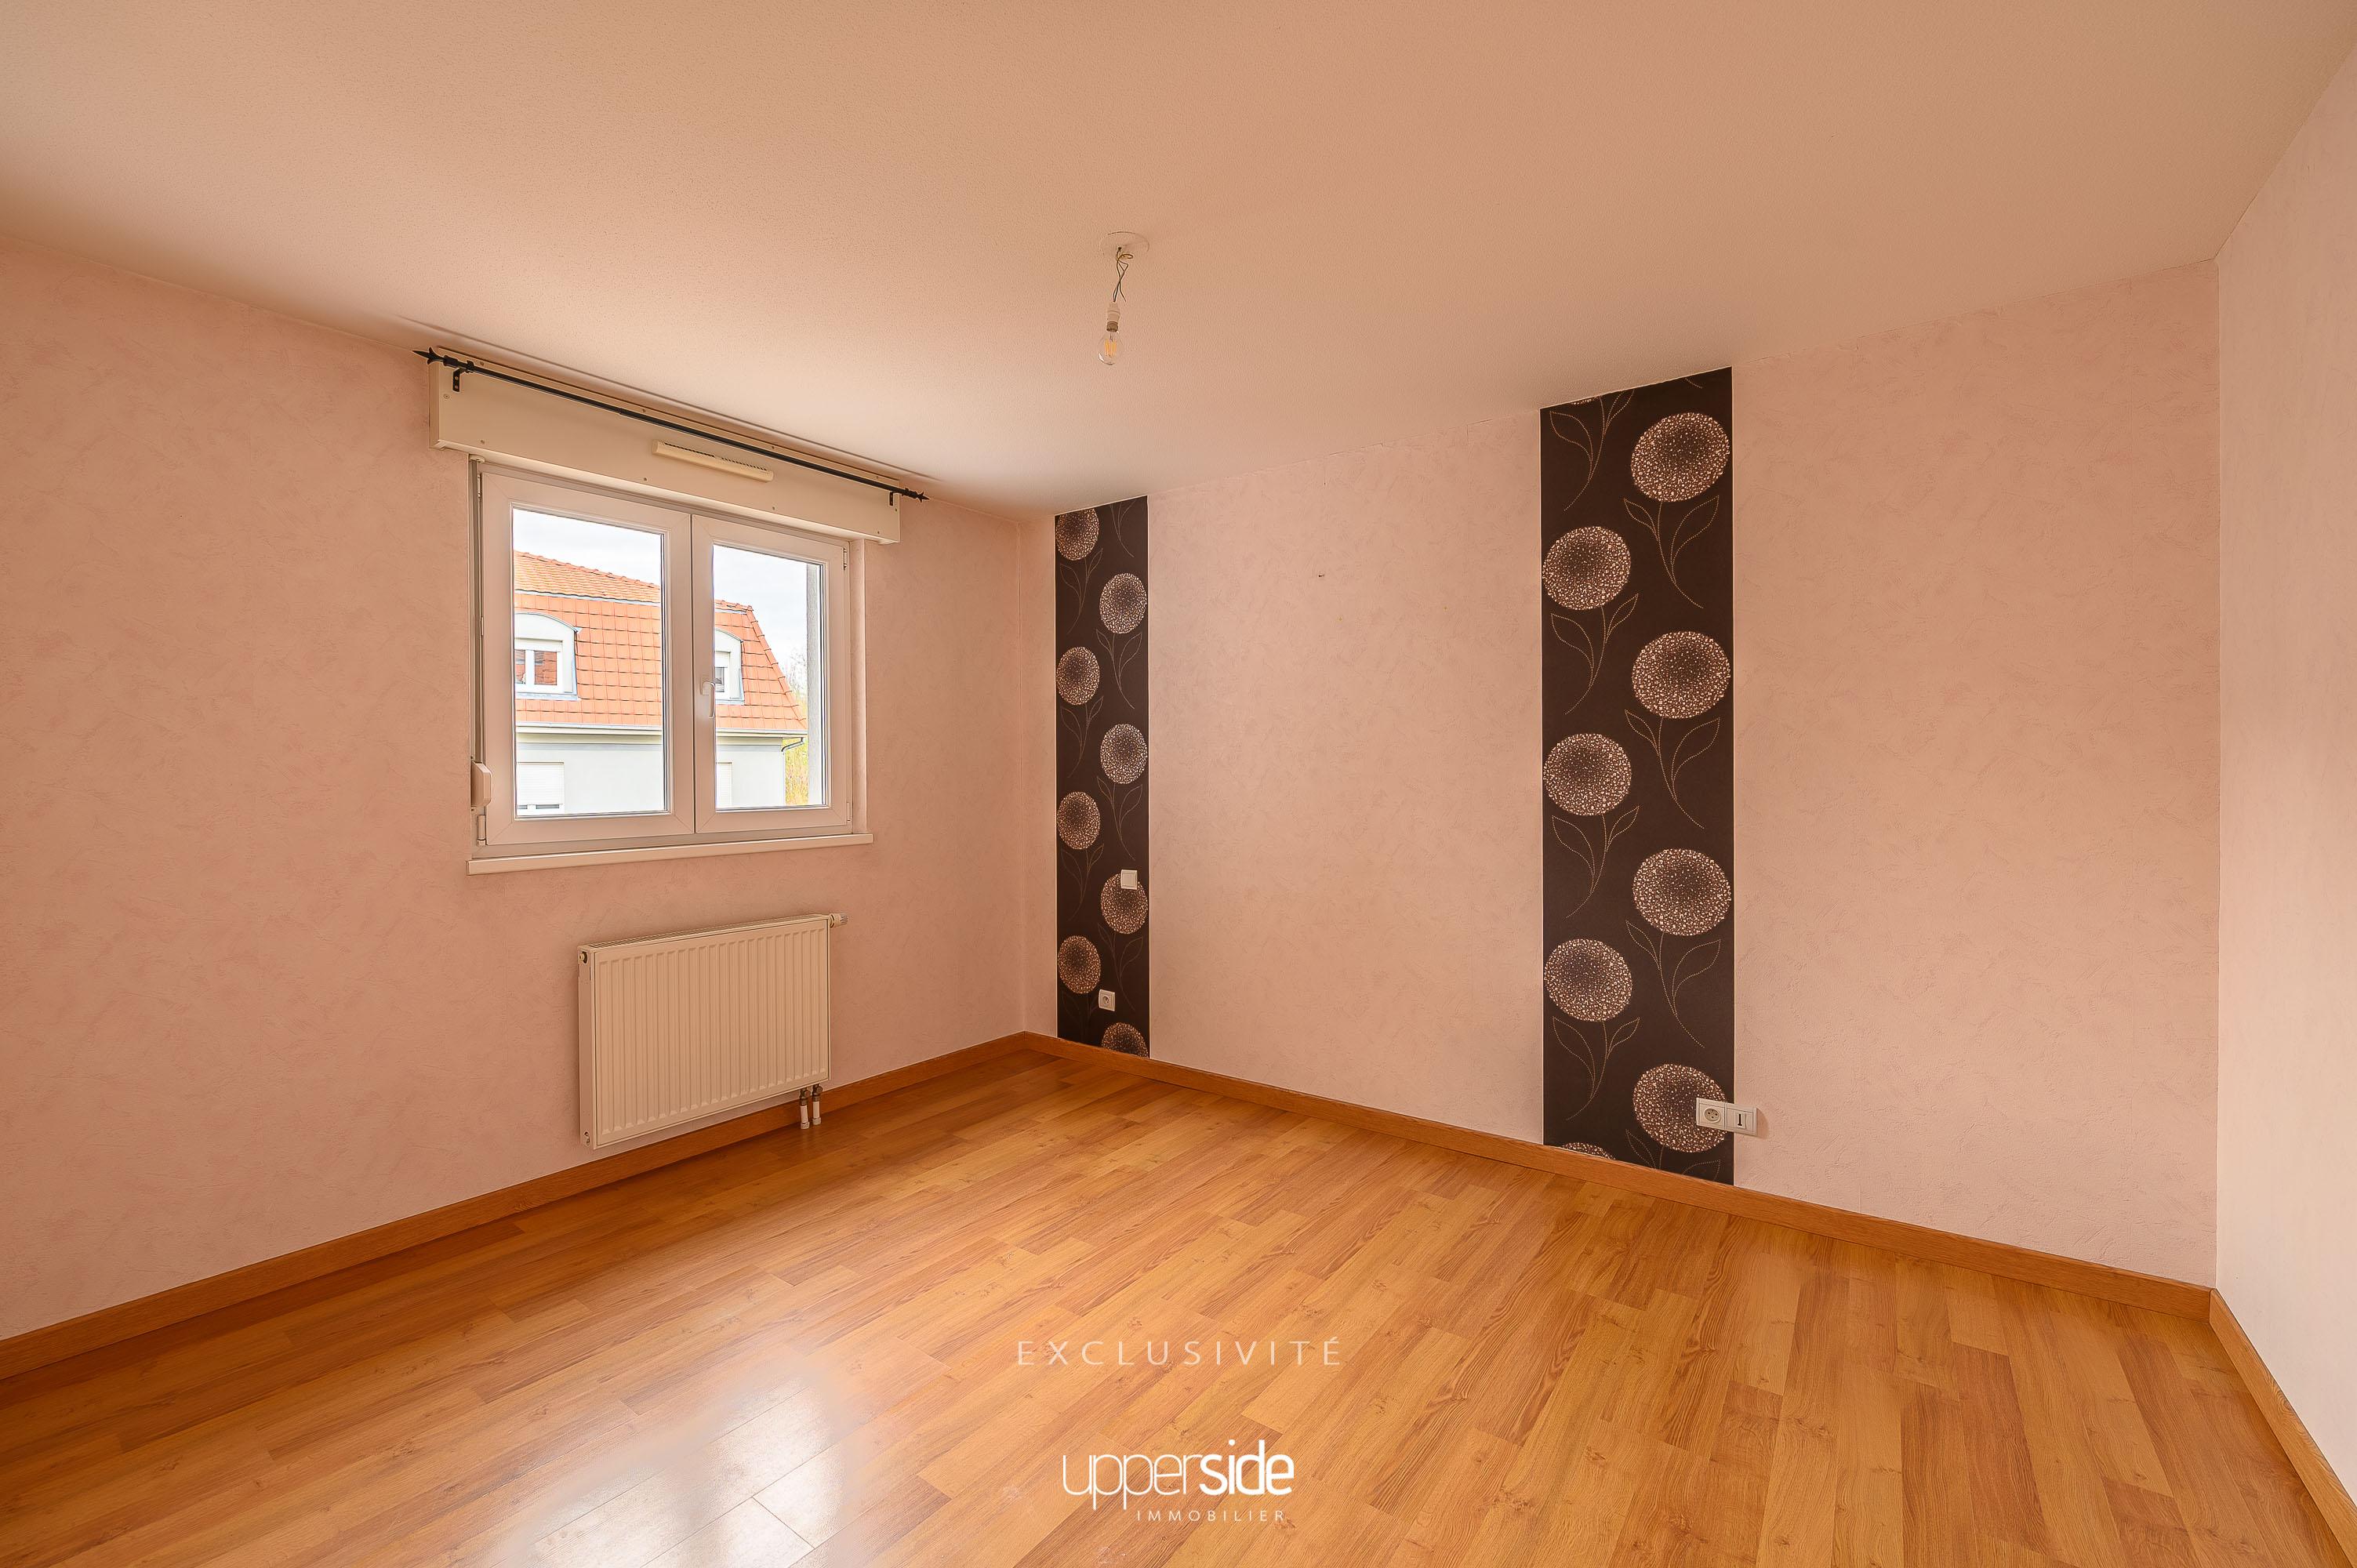 LUDMILA – Appartement 3 pièces au calme avec garage, cave et parking Image